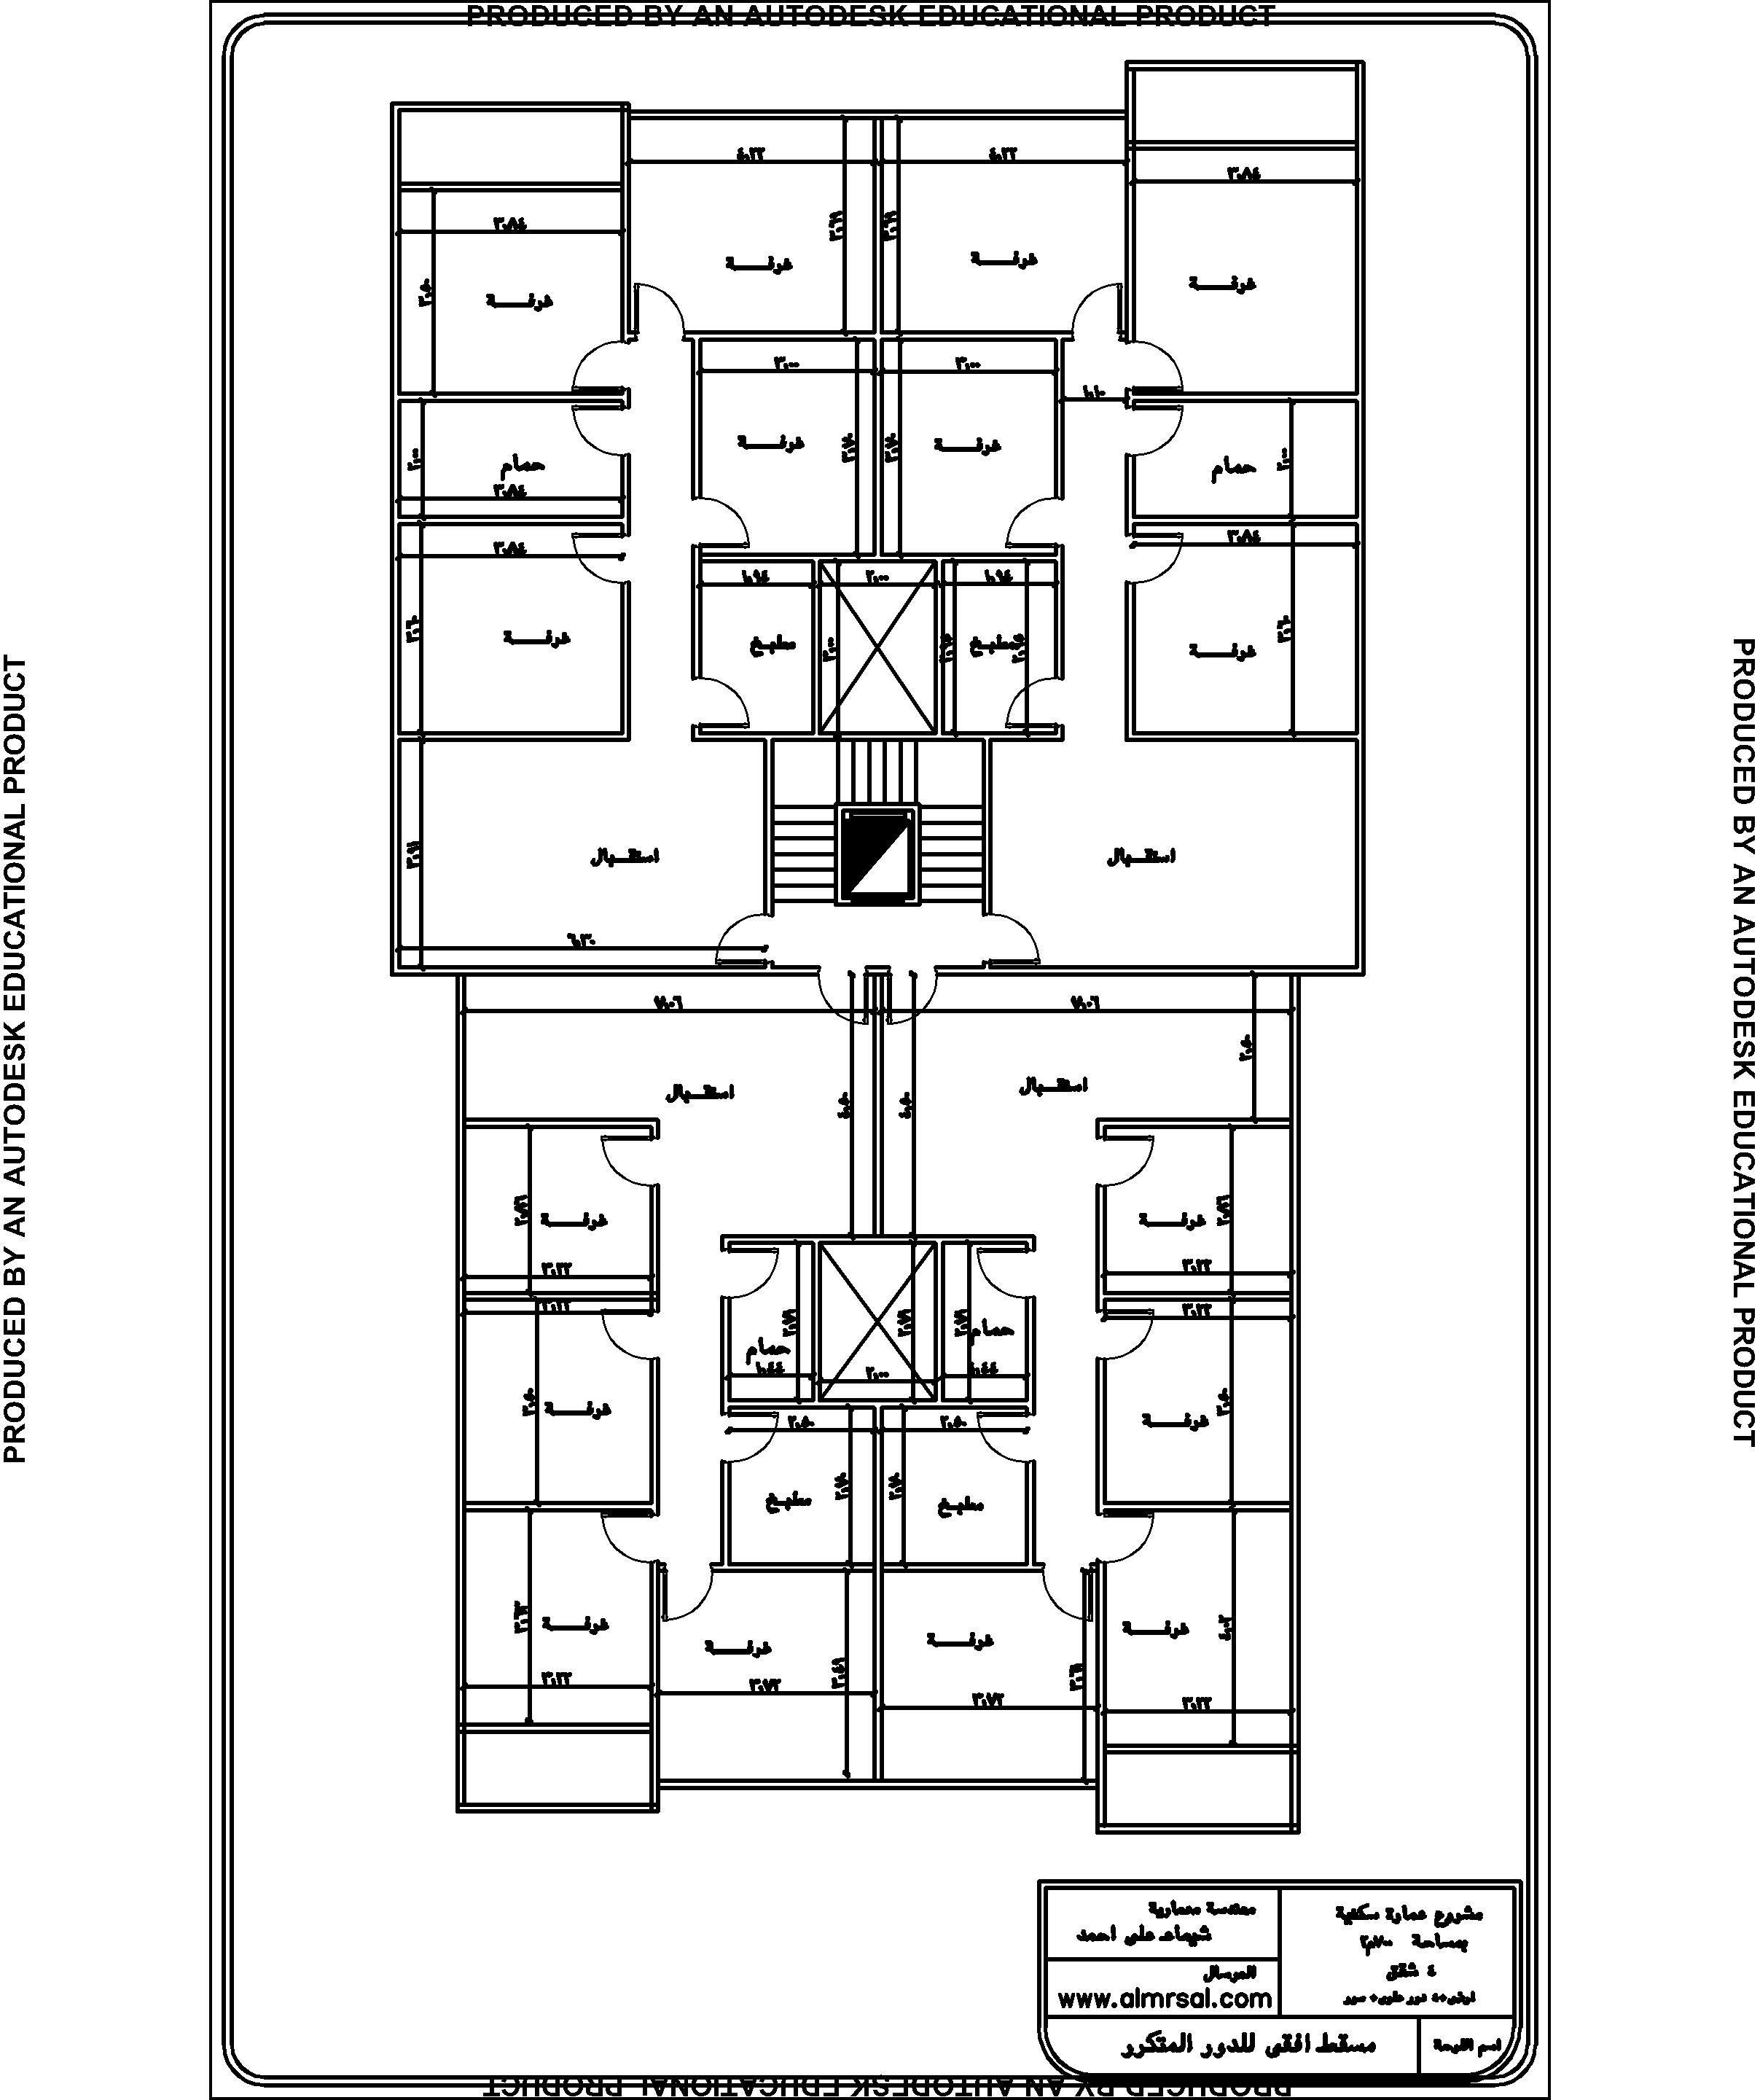 مسقط افقي للدور المتكرر لعمارة سكنية 700م2 4 شقق